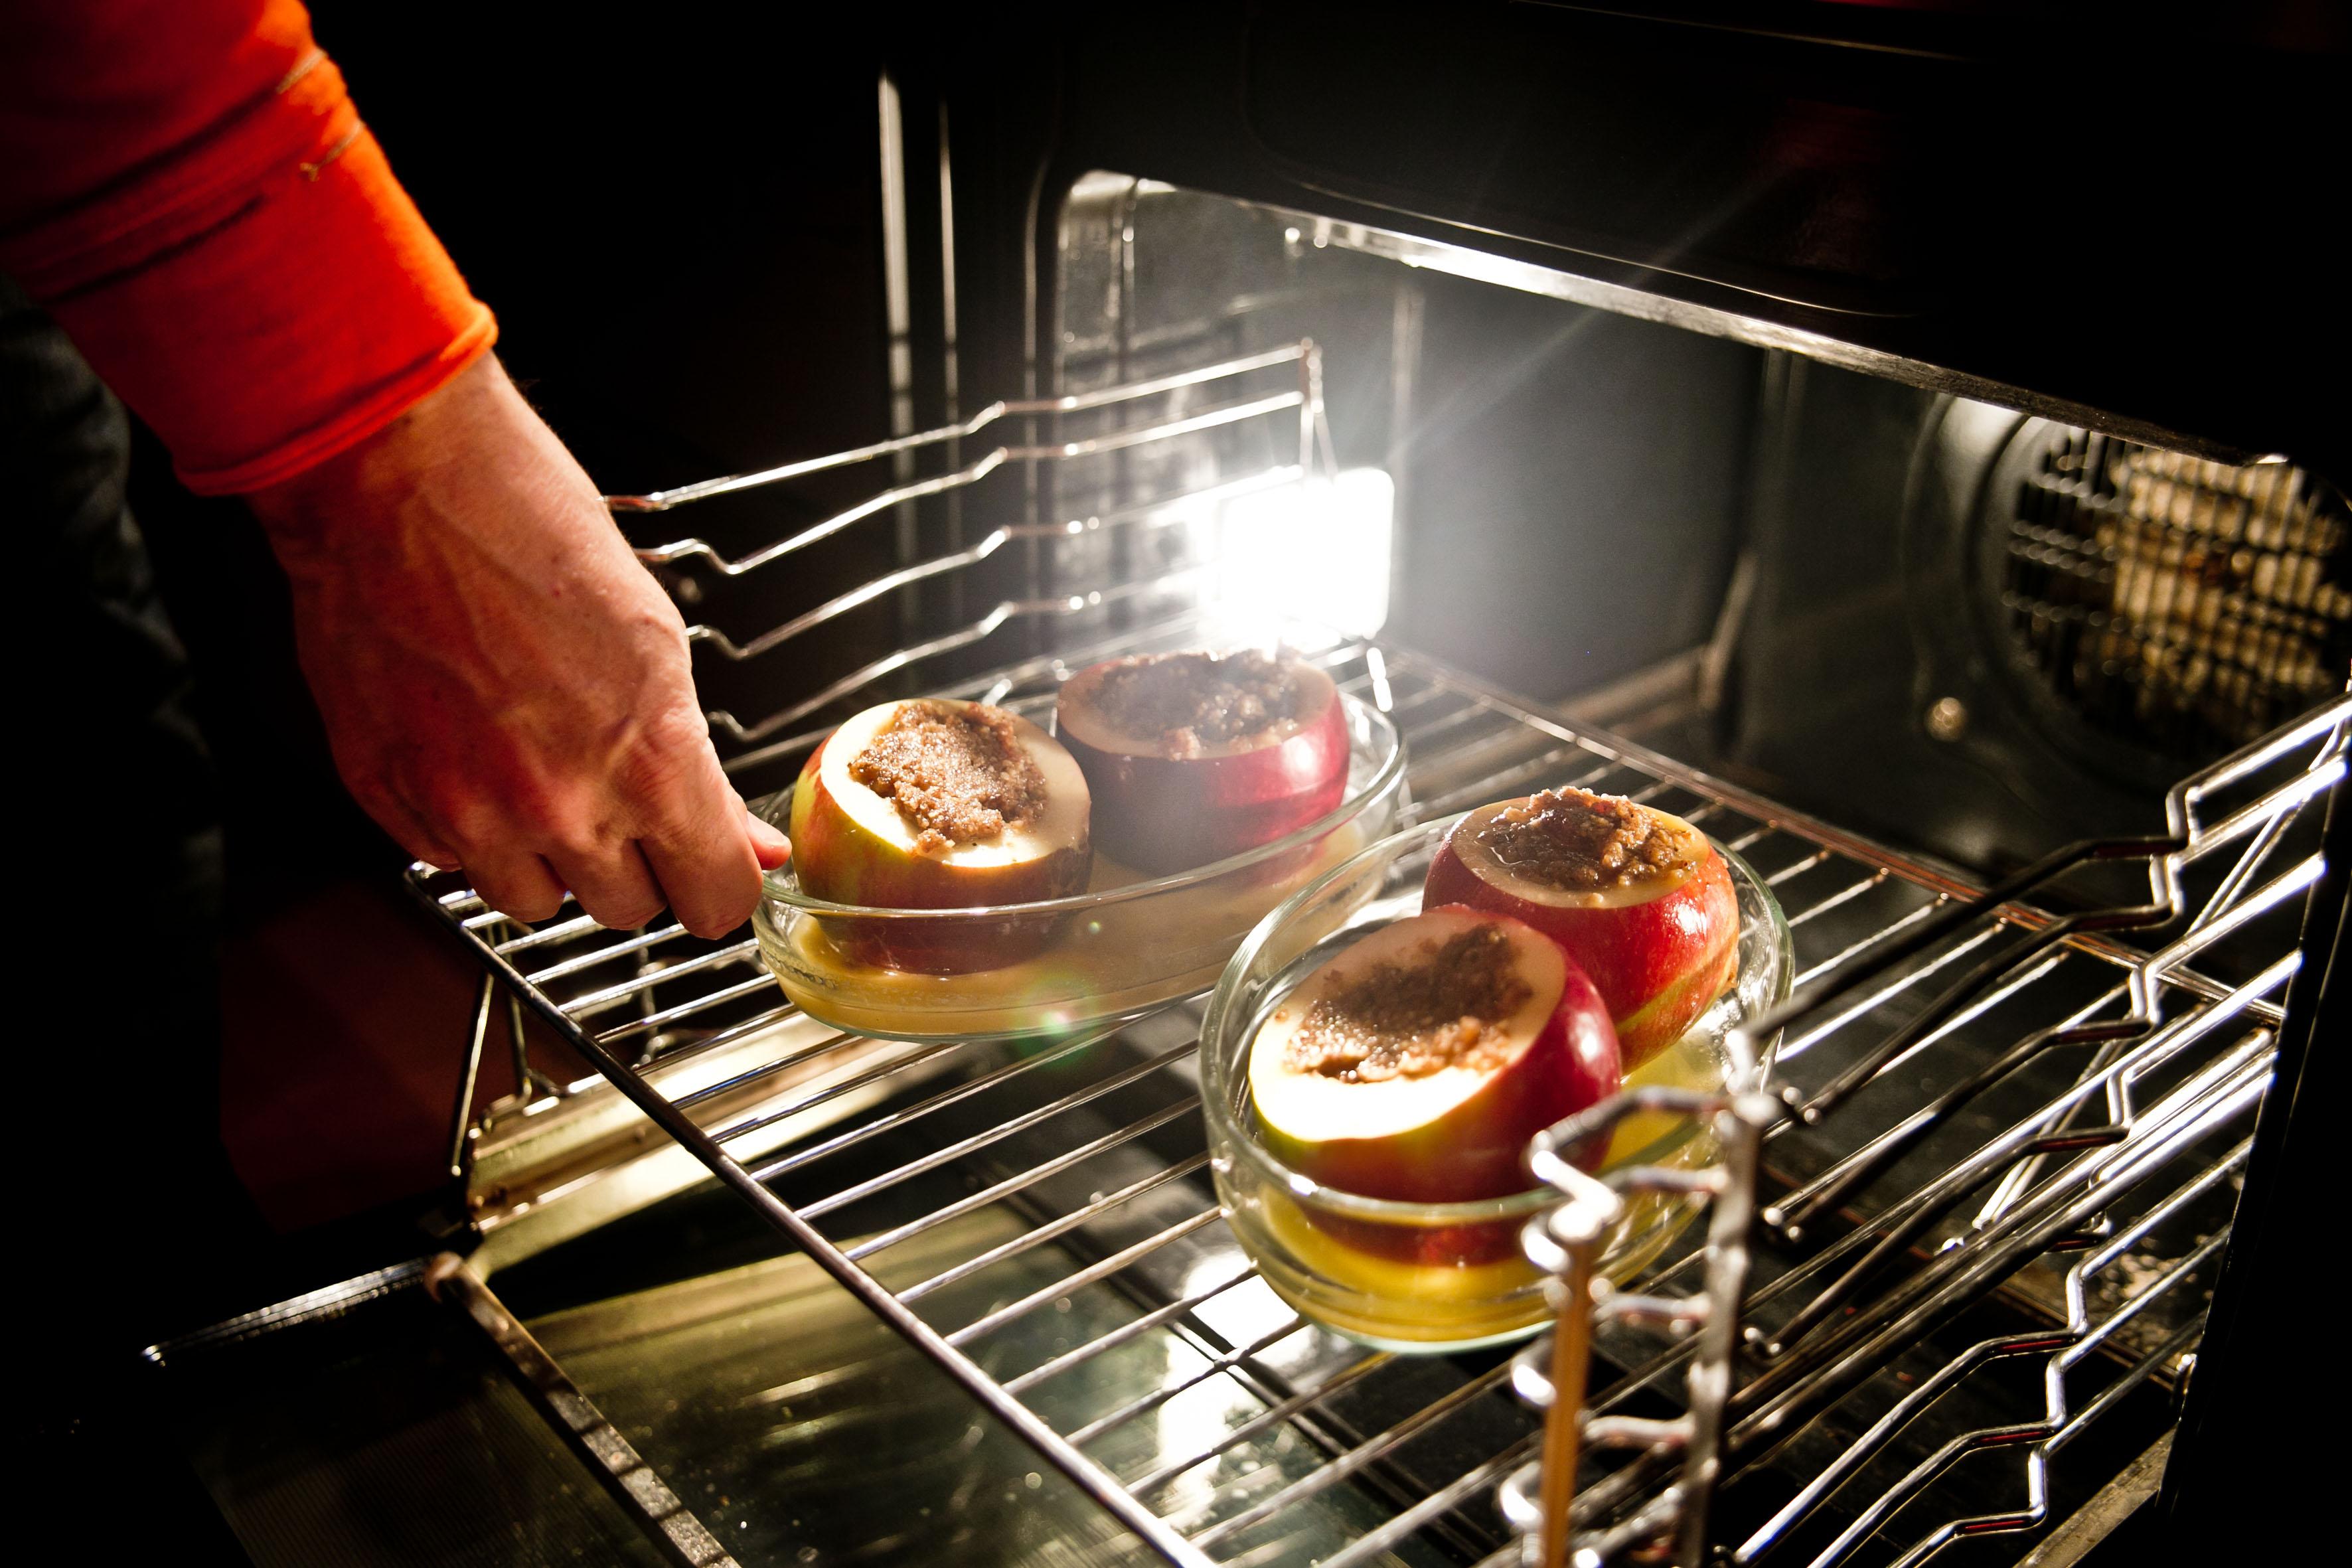 ab damit in den Ofen